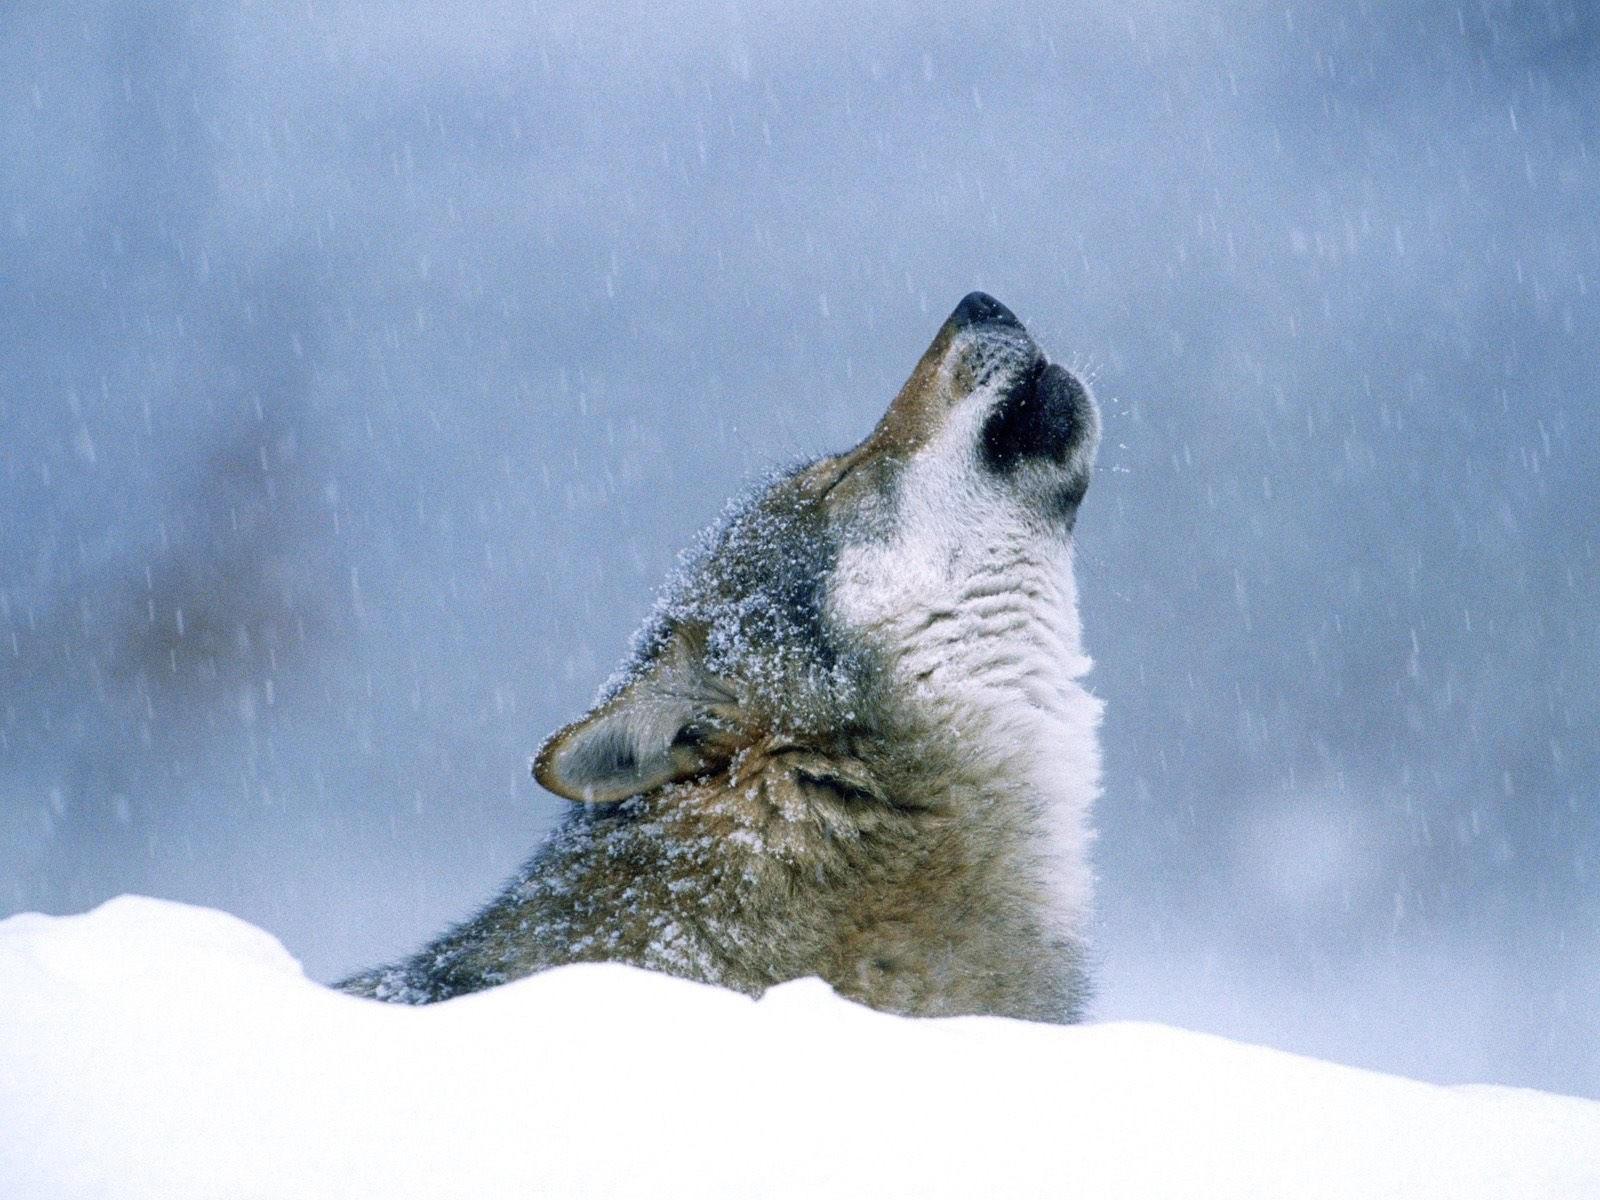 Вой волка в снежный день